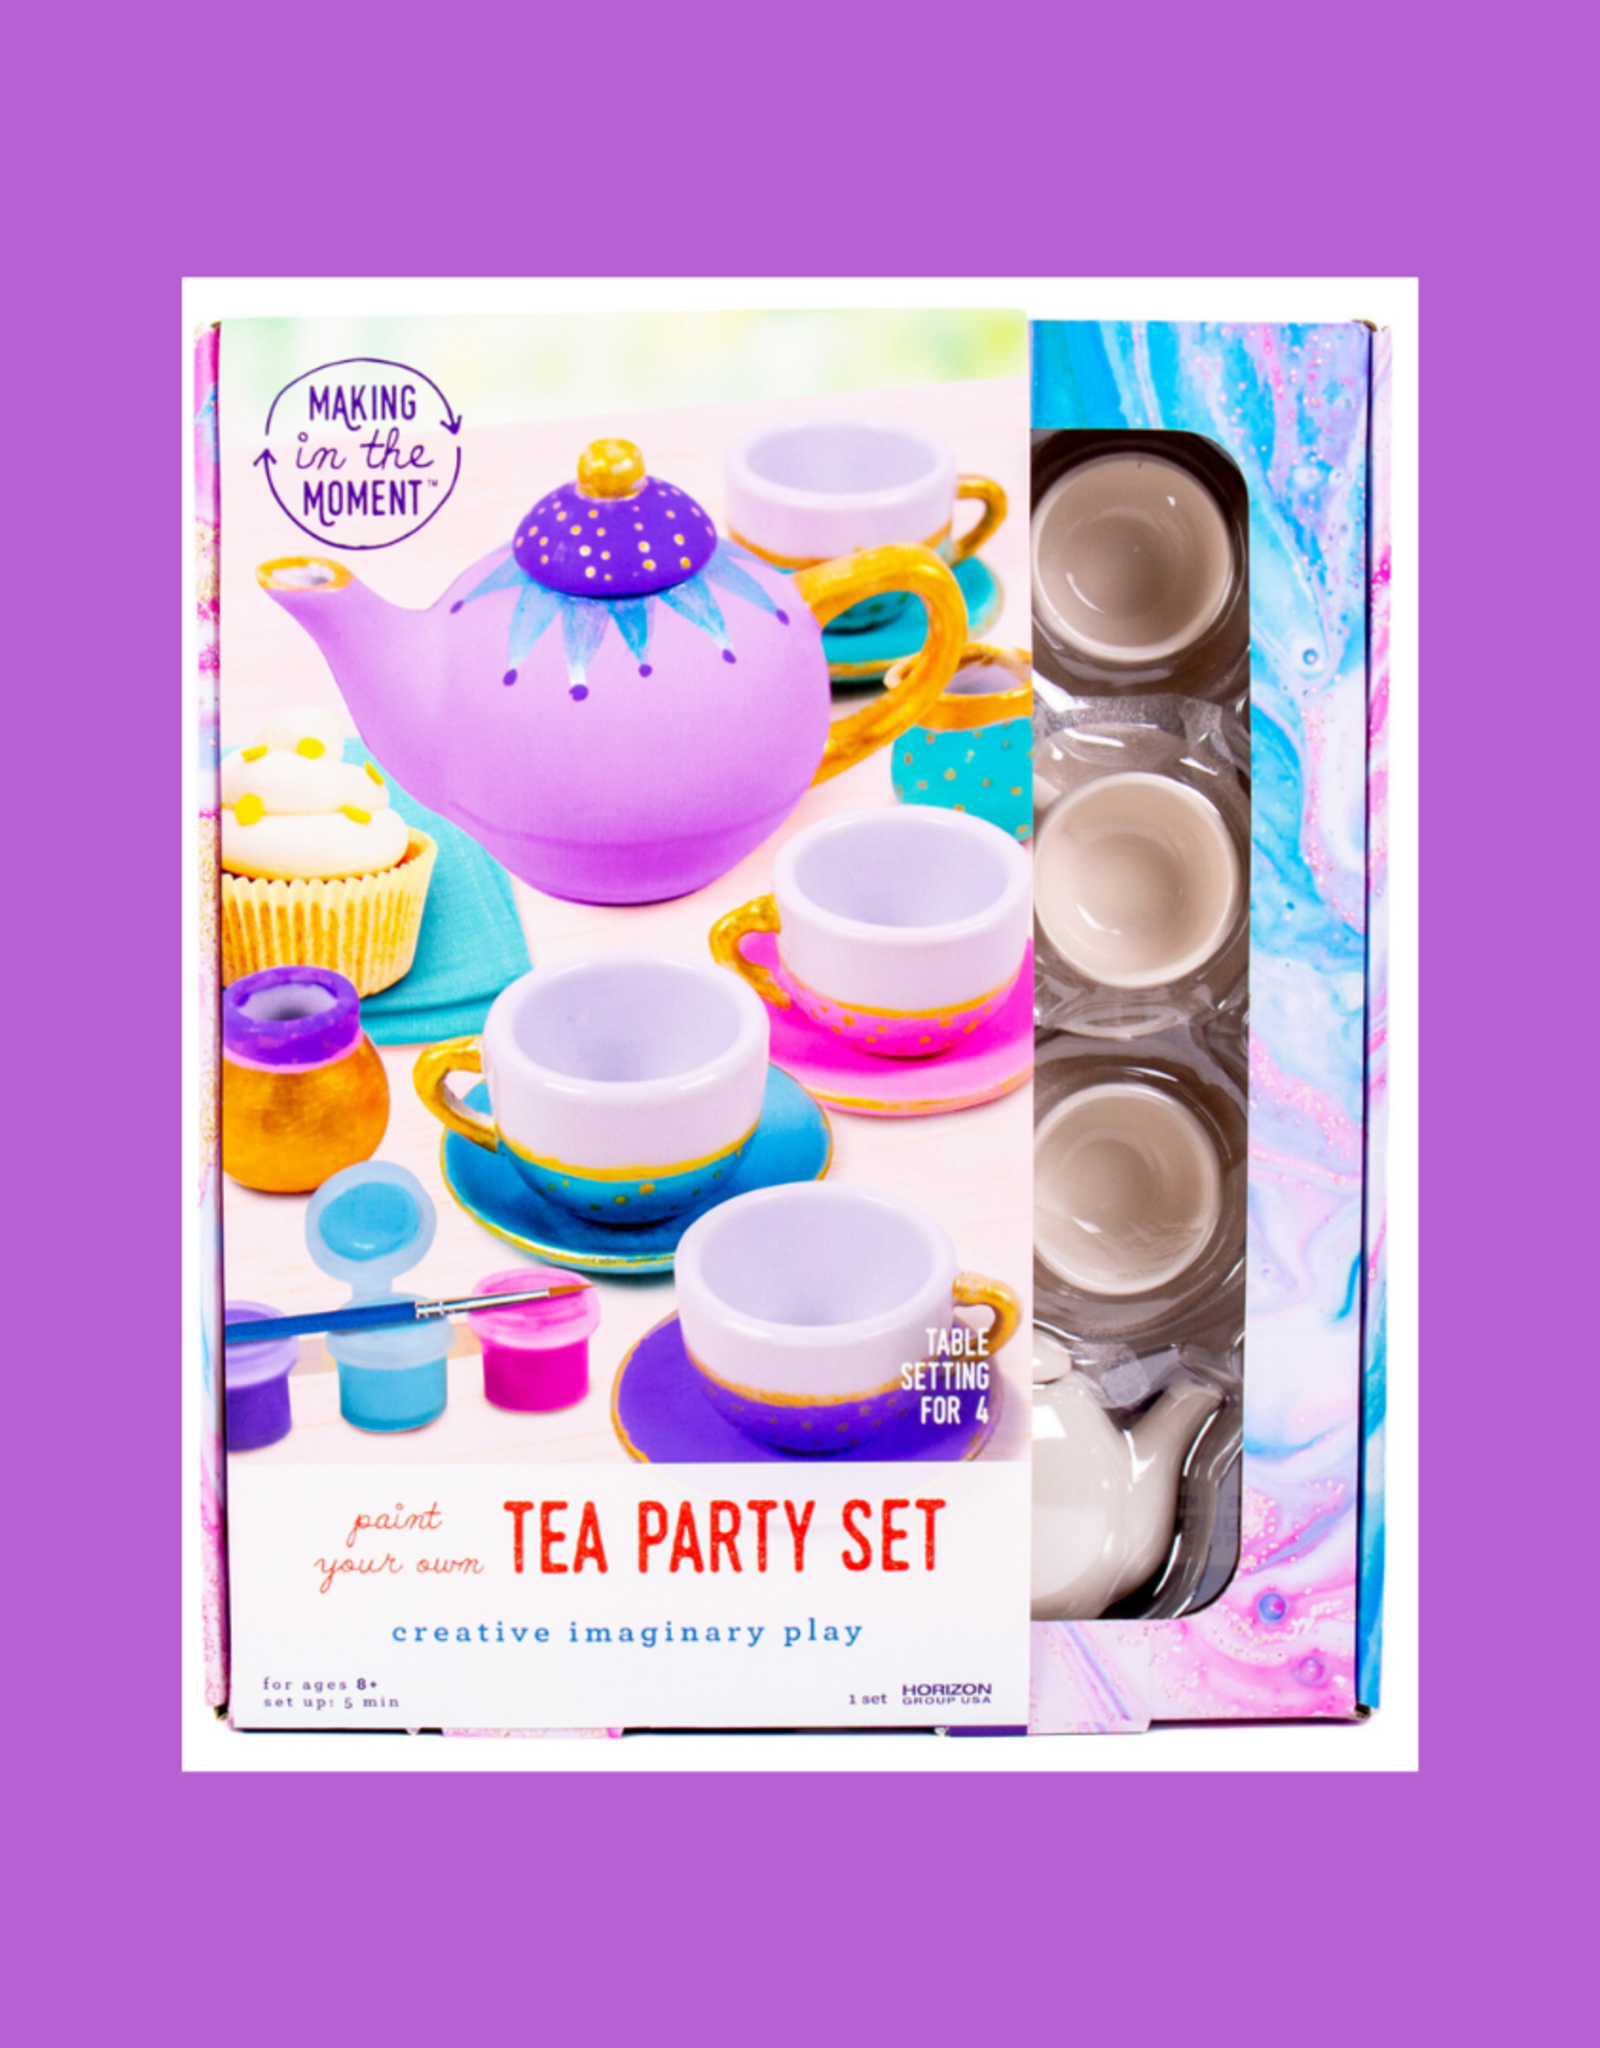 HORIZON GROUP TEA PARTY SET PAINT YOUR OWN